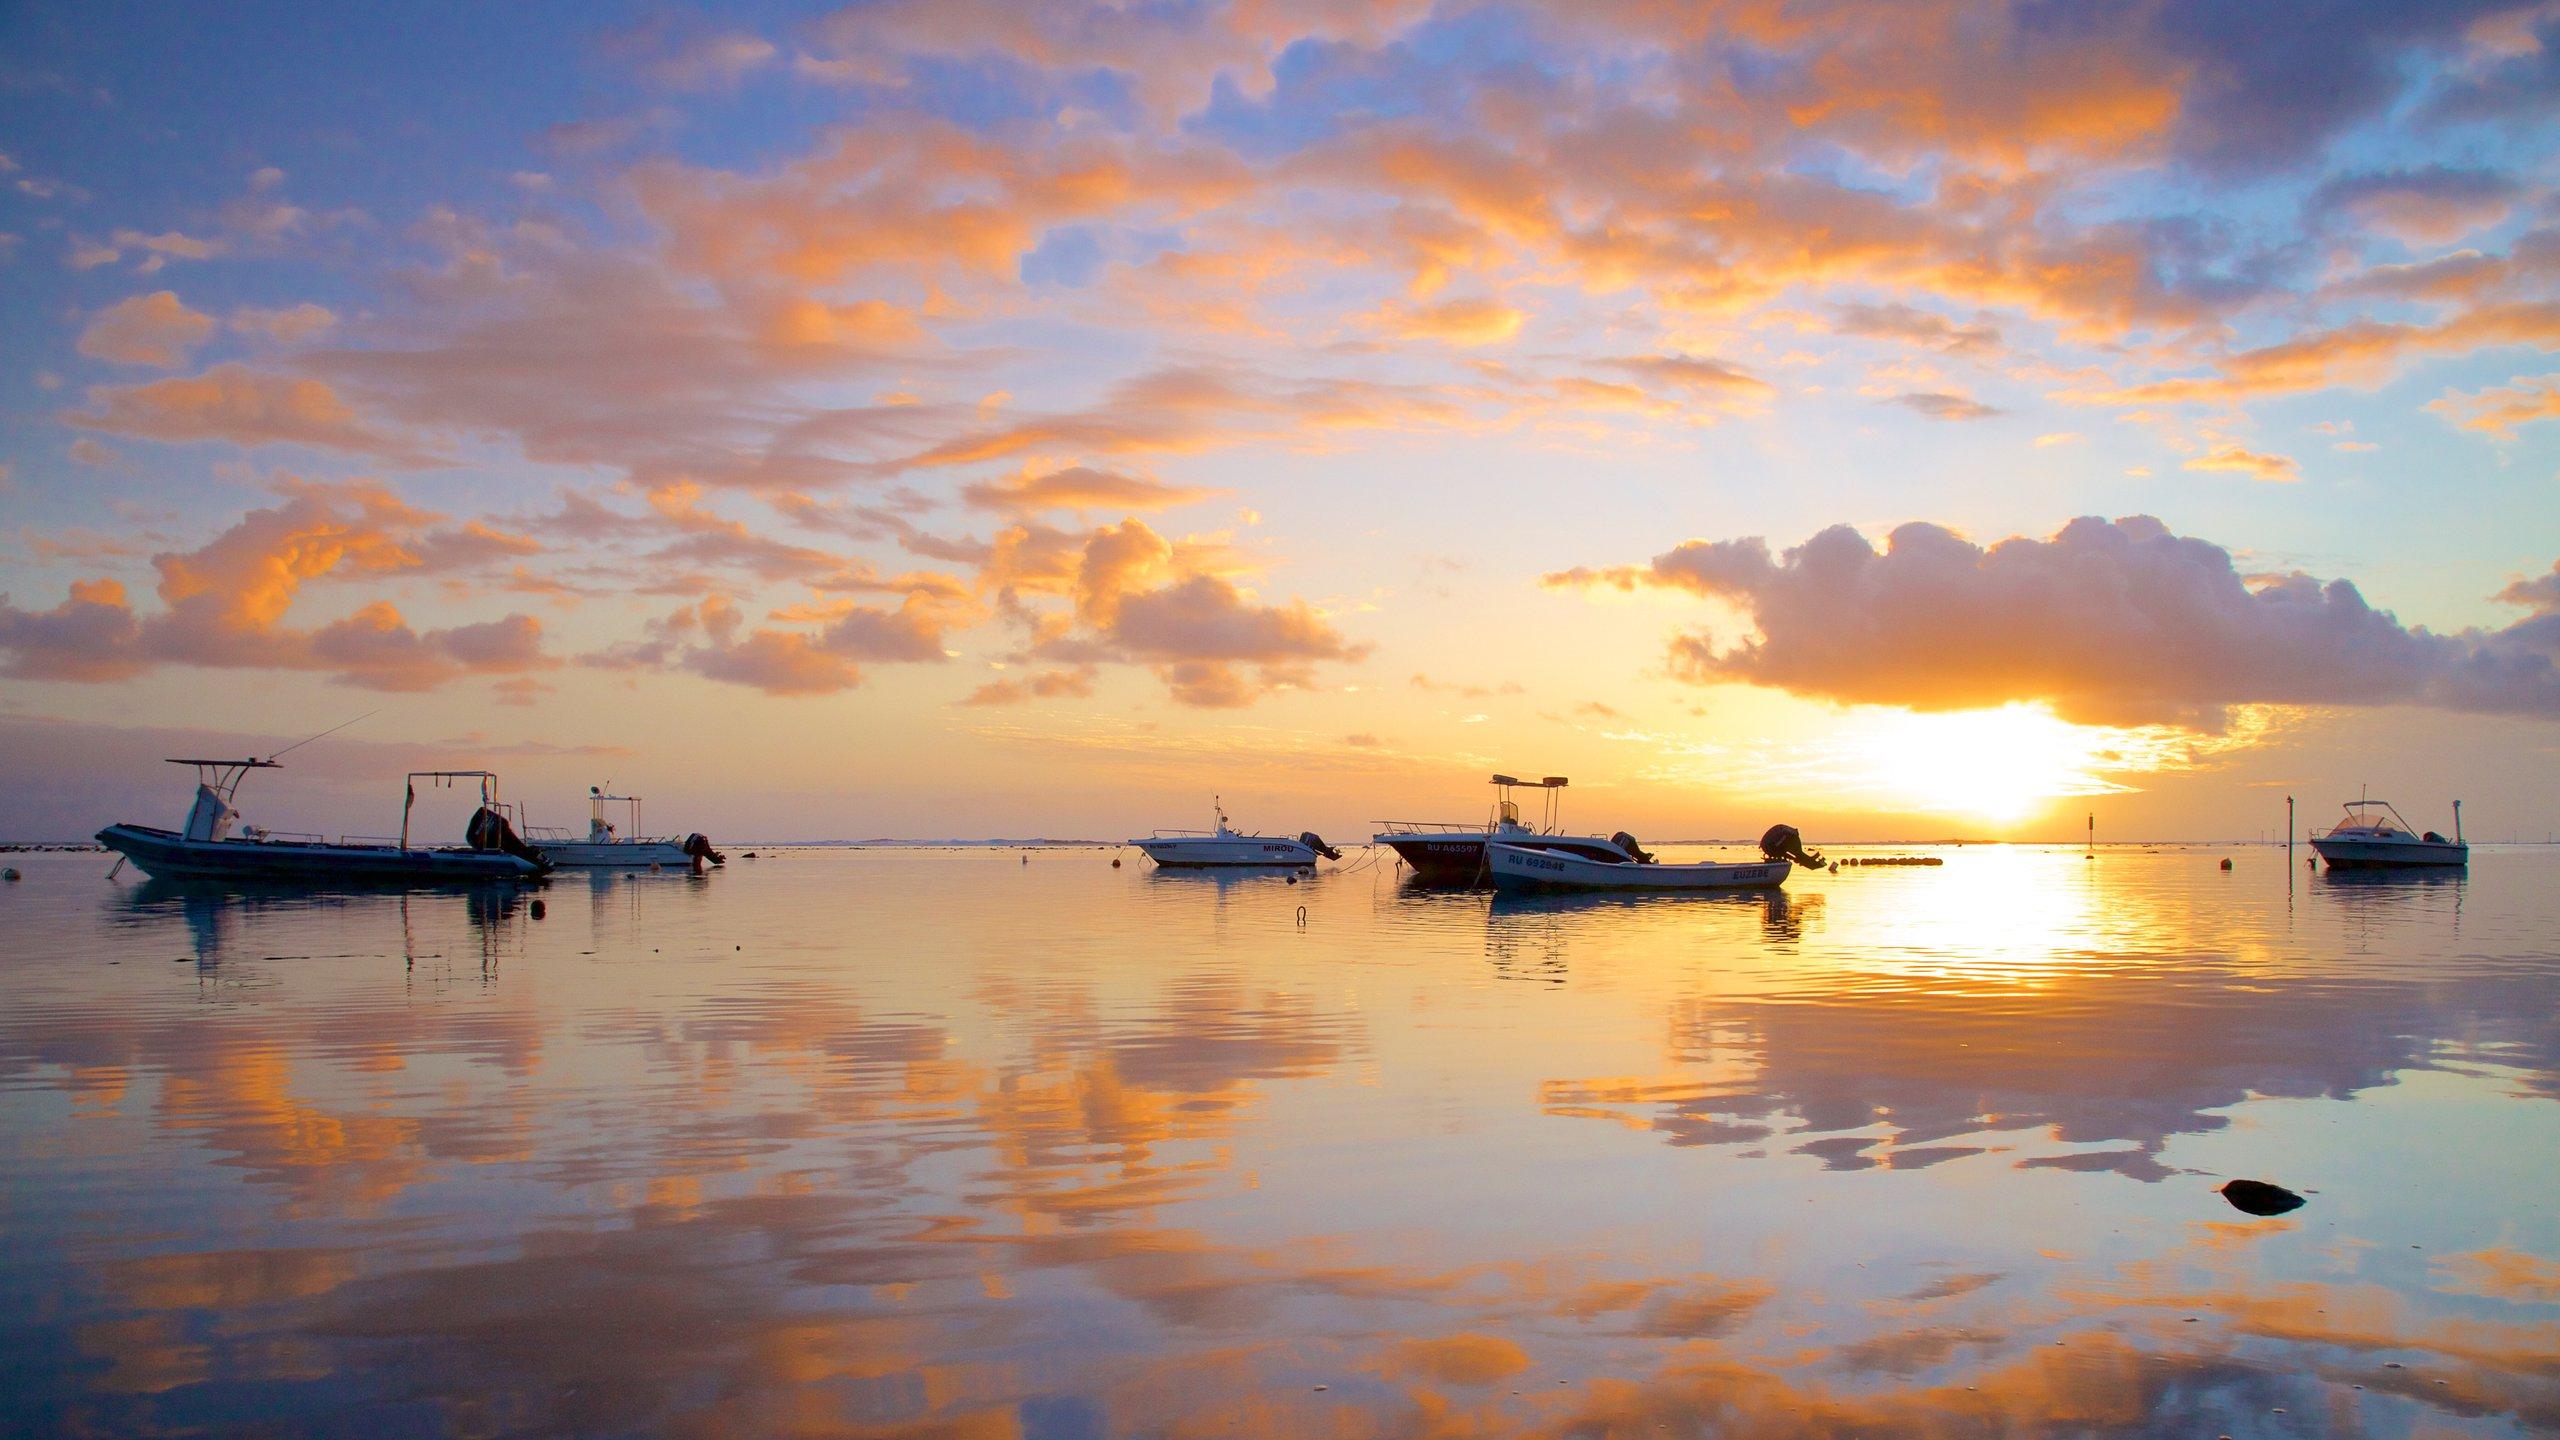 Saint-Pierre, Reunion